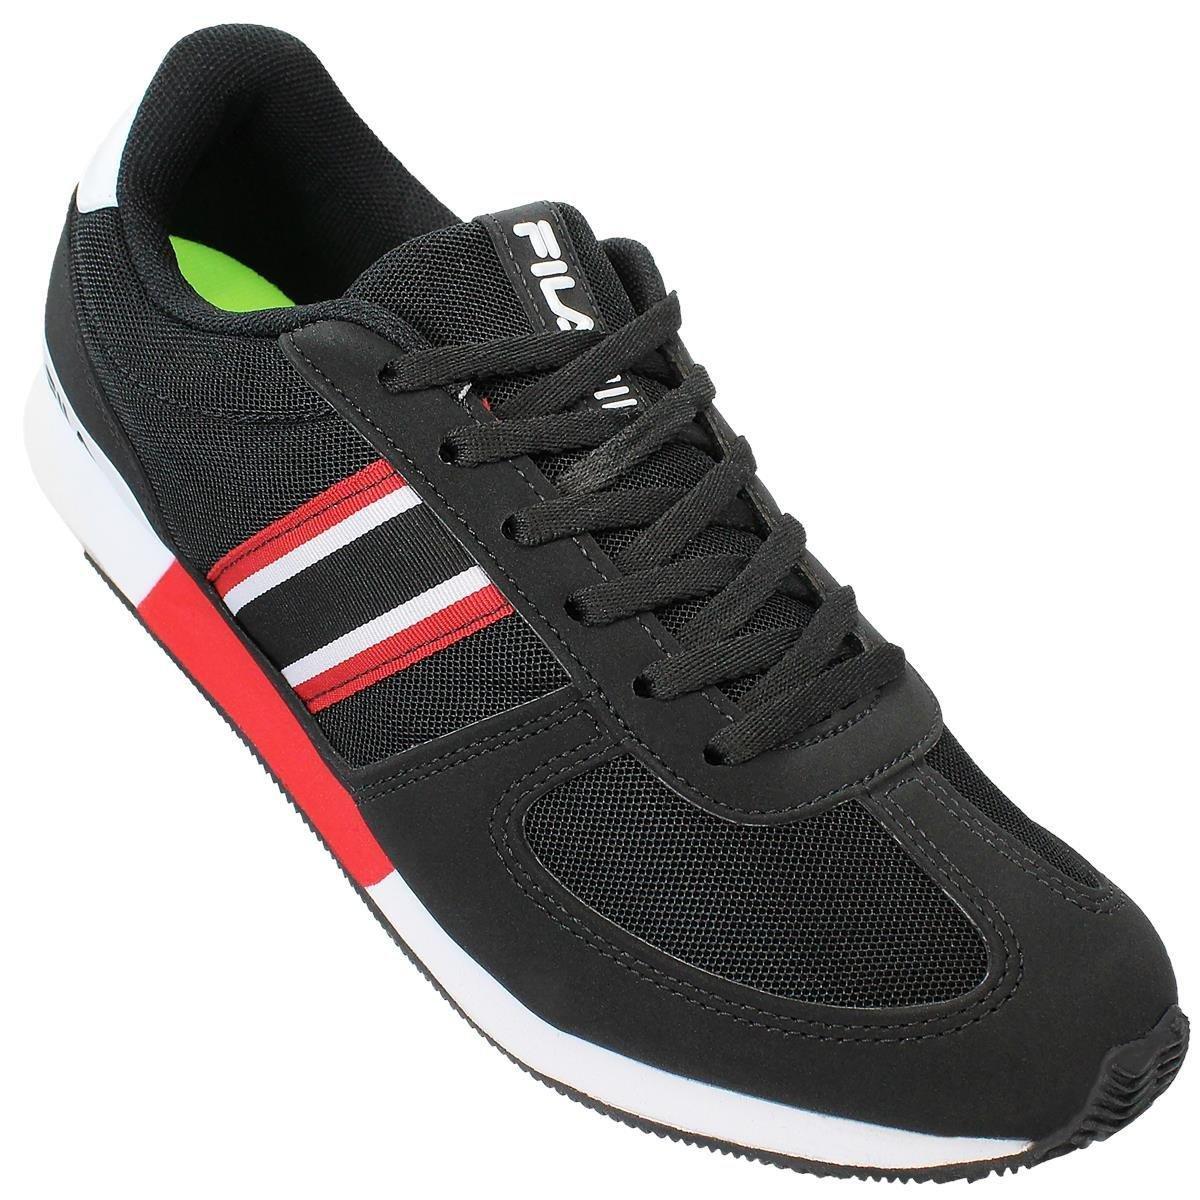 4a6d11b69a Tênis Fila Jogging Retro Sport Masculino - Preto e Vermelho - Compre .